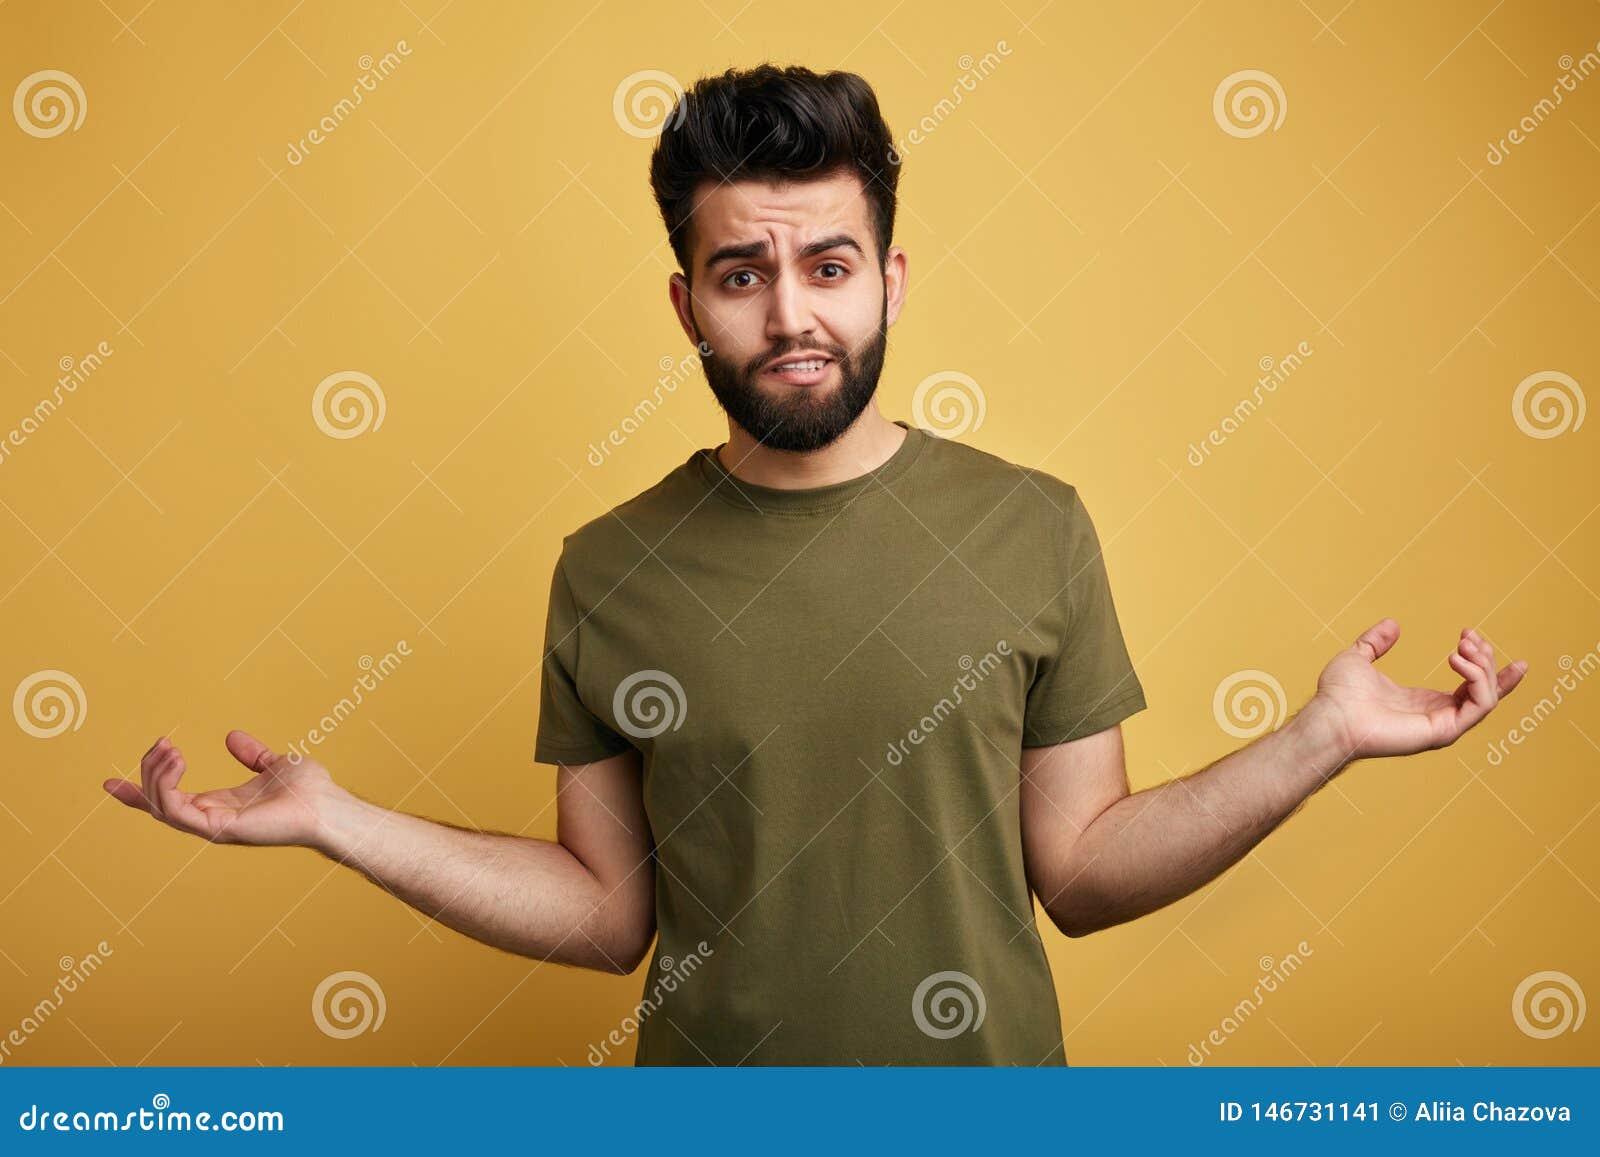 Uomo barbuto dubbioso incerto che porta maglietta verde che scrolla le spalle le sue spalle